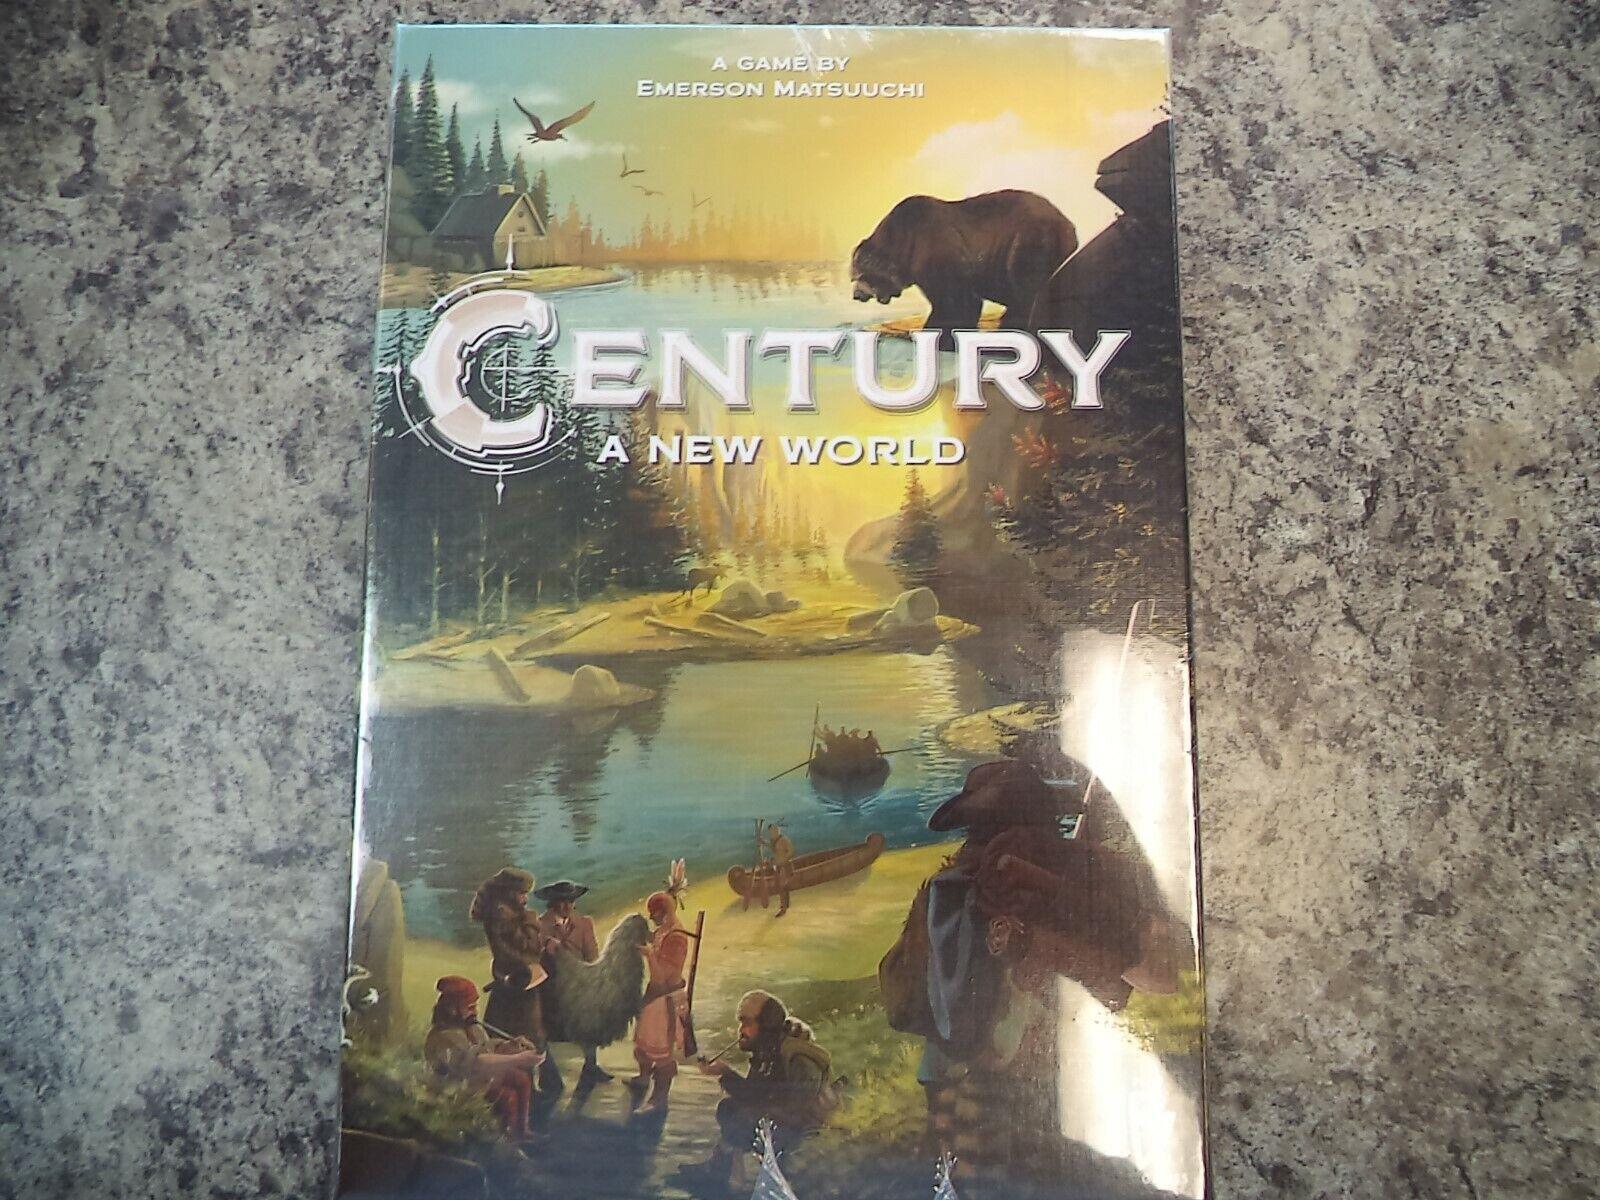 Century un nuevo mundo-Plan B Juegos Juego de mesa nuevo  Spice Road secuela